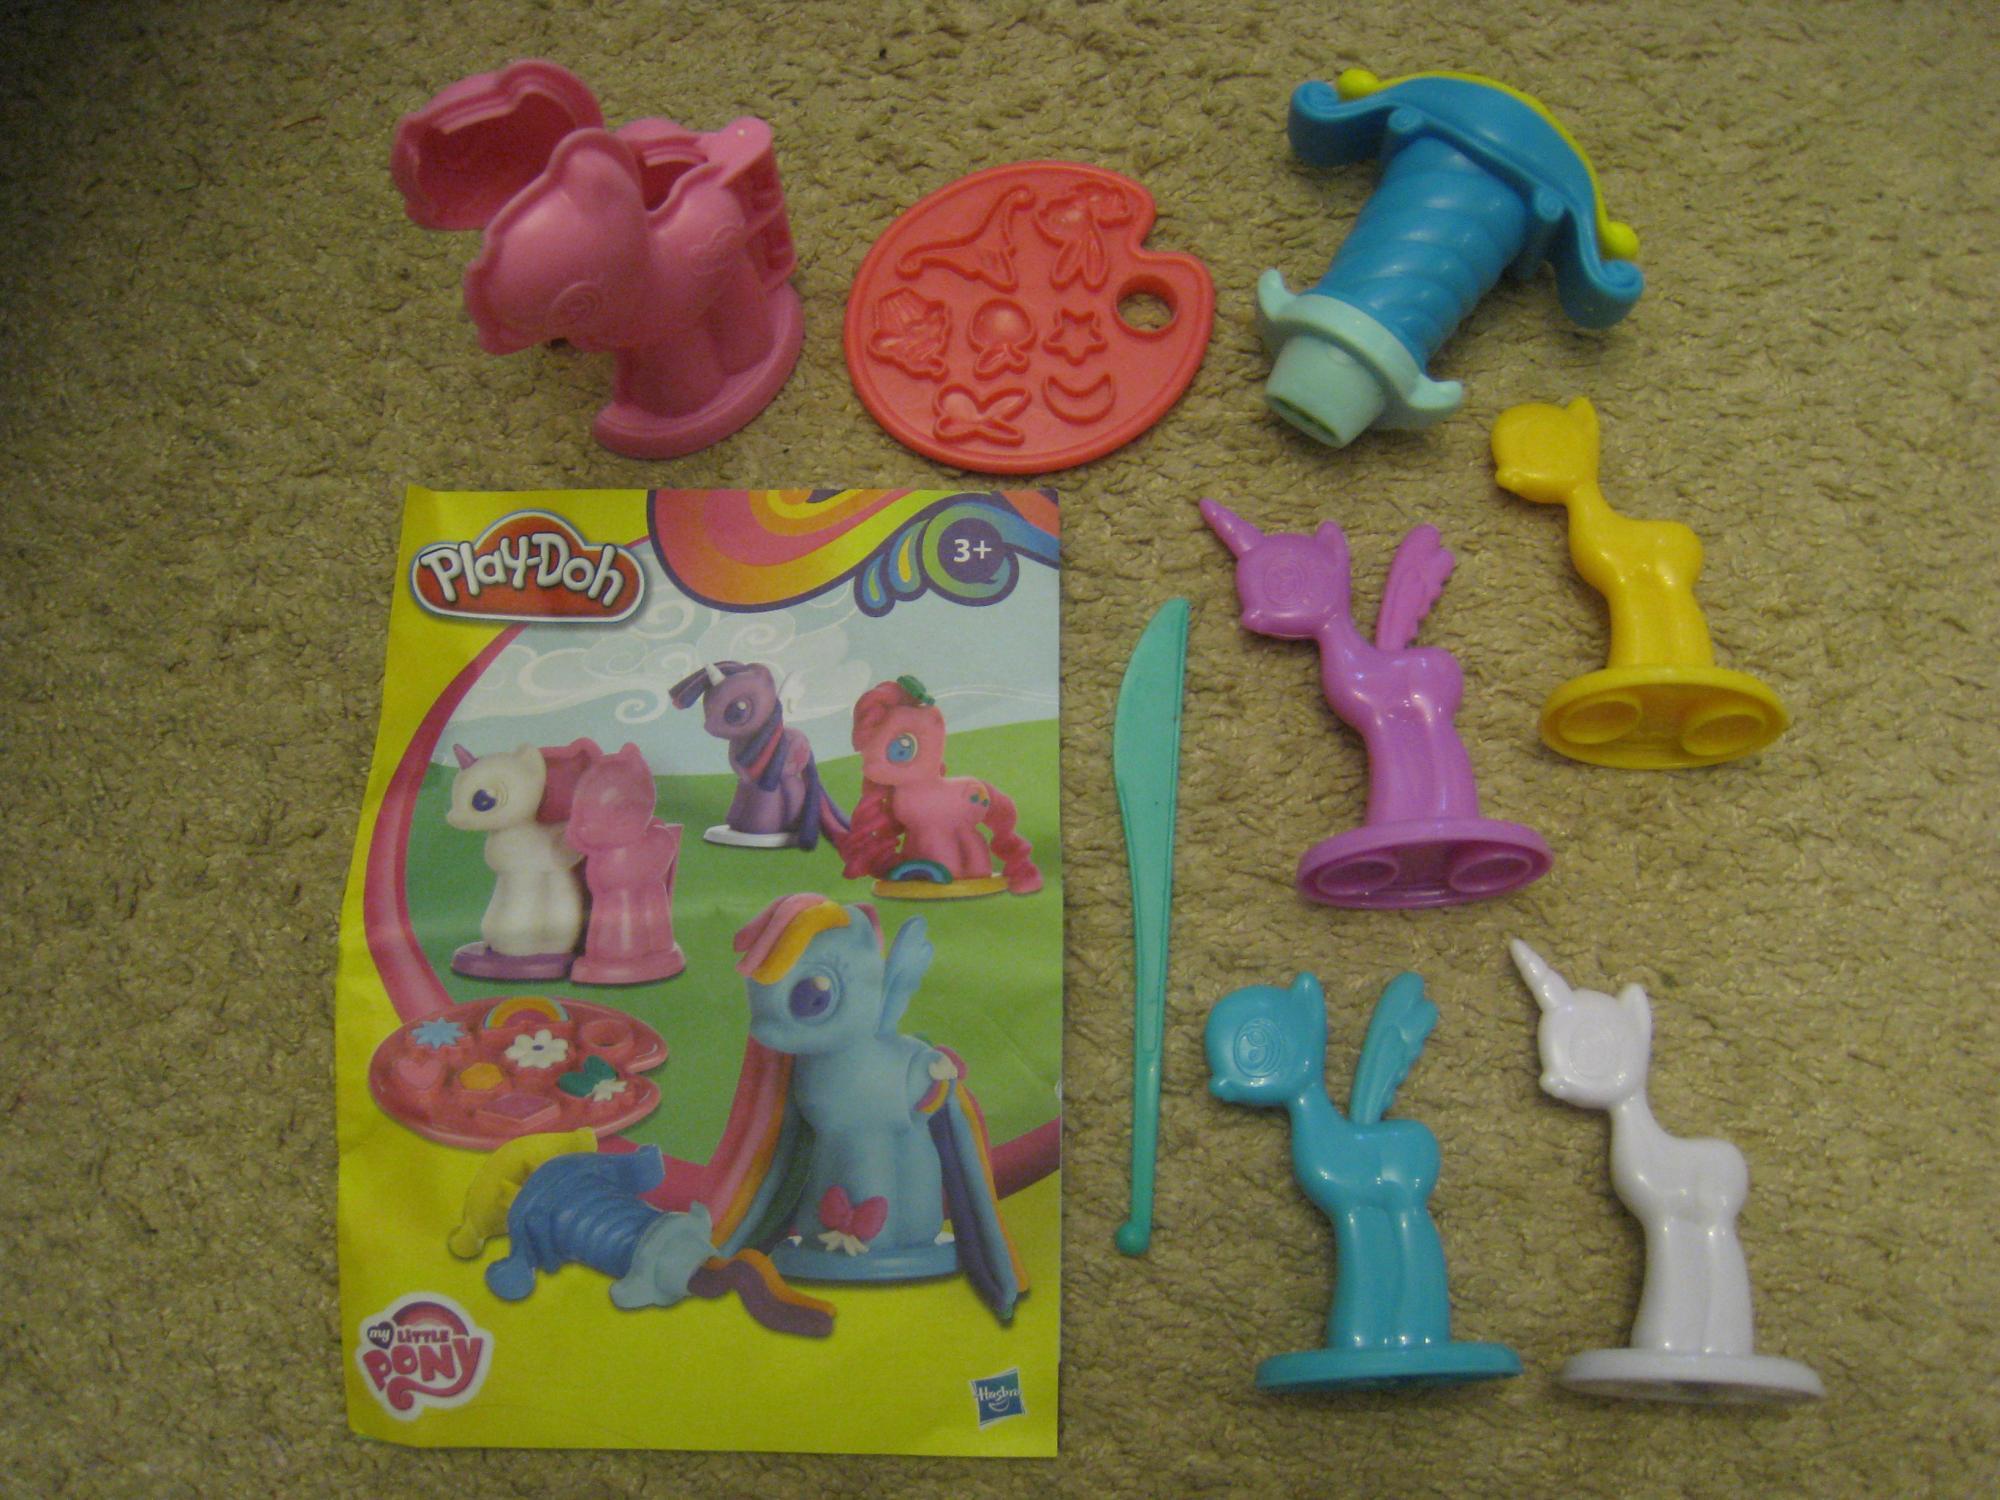 Набор Play-Doh Создай любимую пони в Москве 89161988278 купить 5